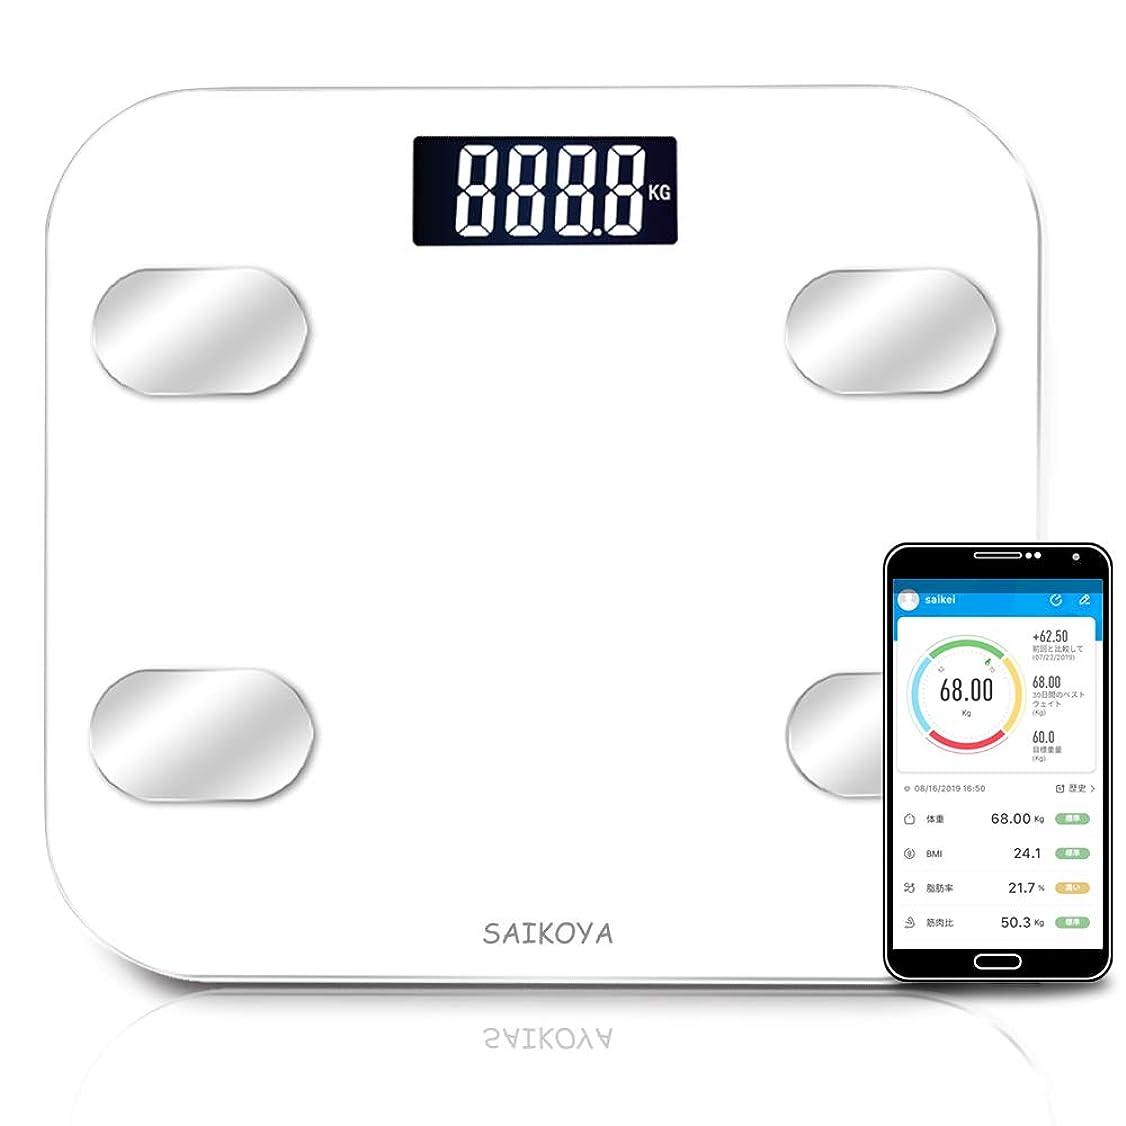 強制的武器ブラインド体重計 体組成計 体脂肪計 ヘルスメーター スマホ連動 USB充電式 bluetooth アプリと同期 体重/BMI/筋肉量/体水分率/体脂肪率/内臓脂肪レベル/骨量/基礎代謝量8項目測定可能 デジタル スマートスケール ボディスケール (ホワイト)